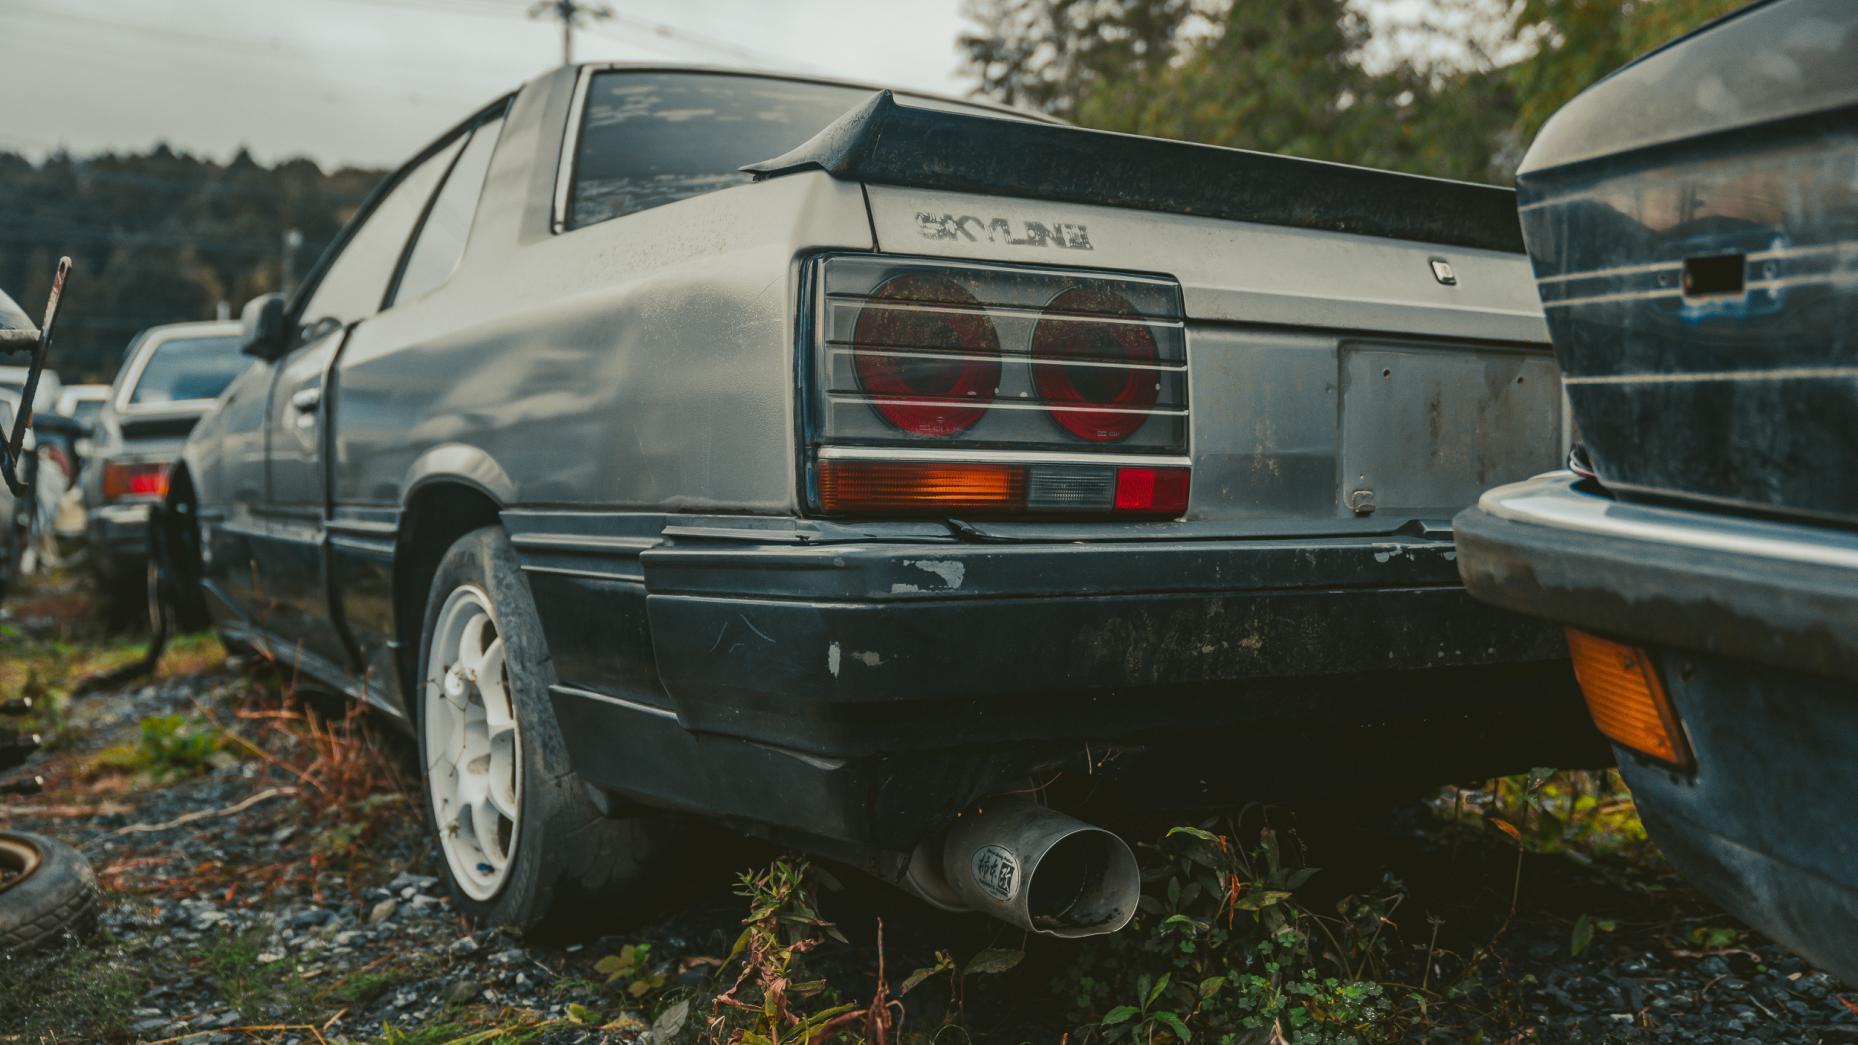 Japans autokerkhof Nissan GTR detail achter